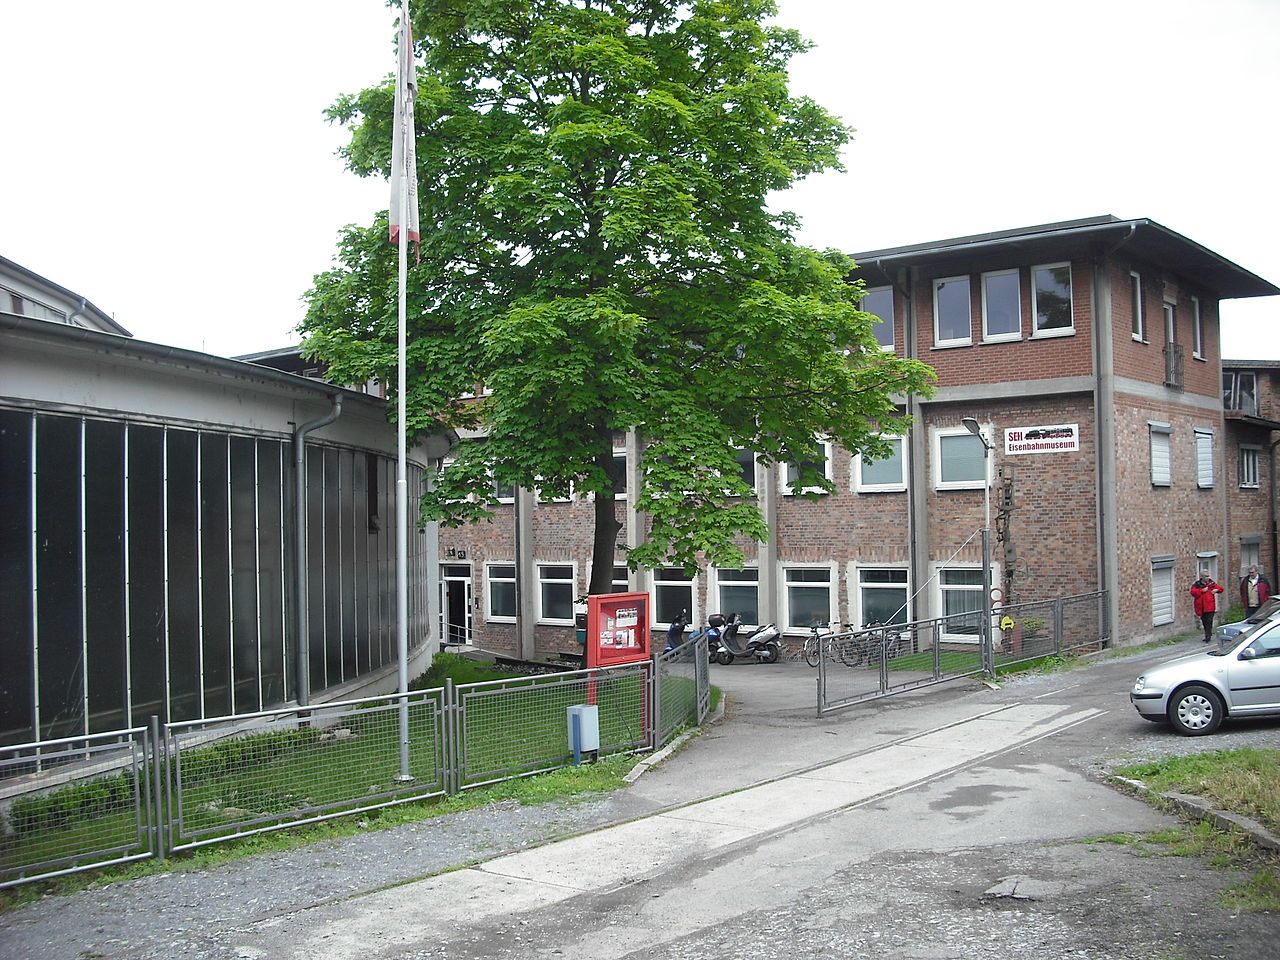 Bild Süddeutsches Eisenbahnmuseum Heilbronn